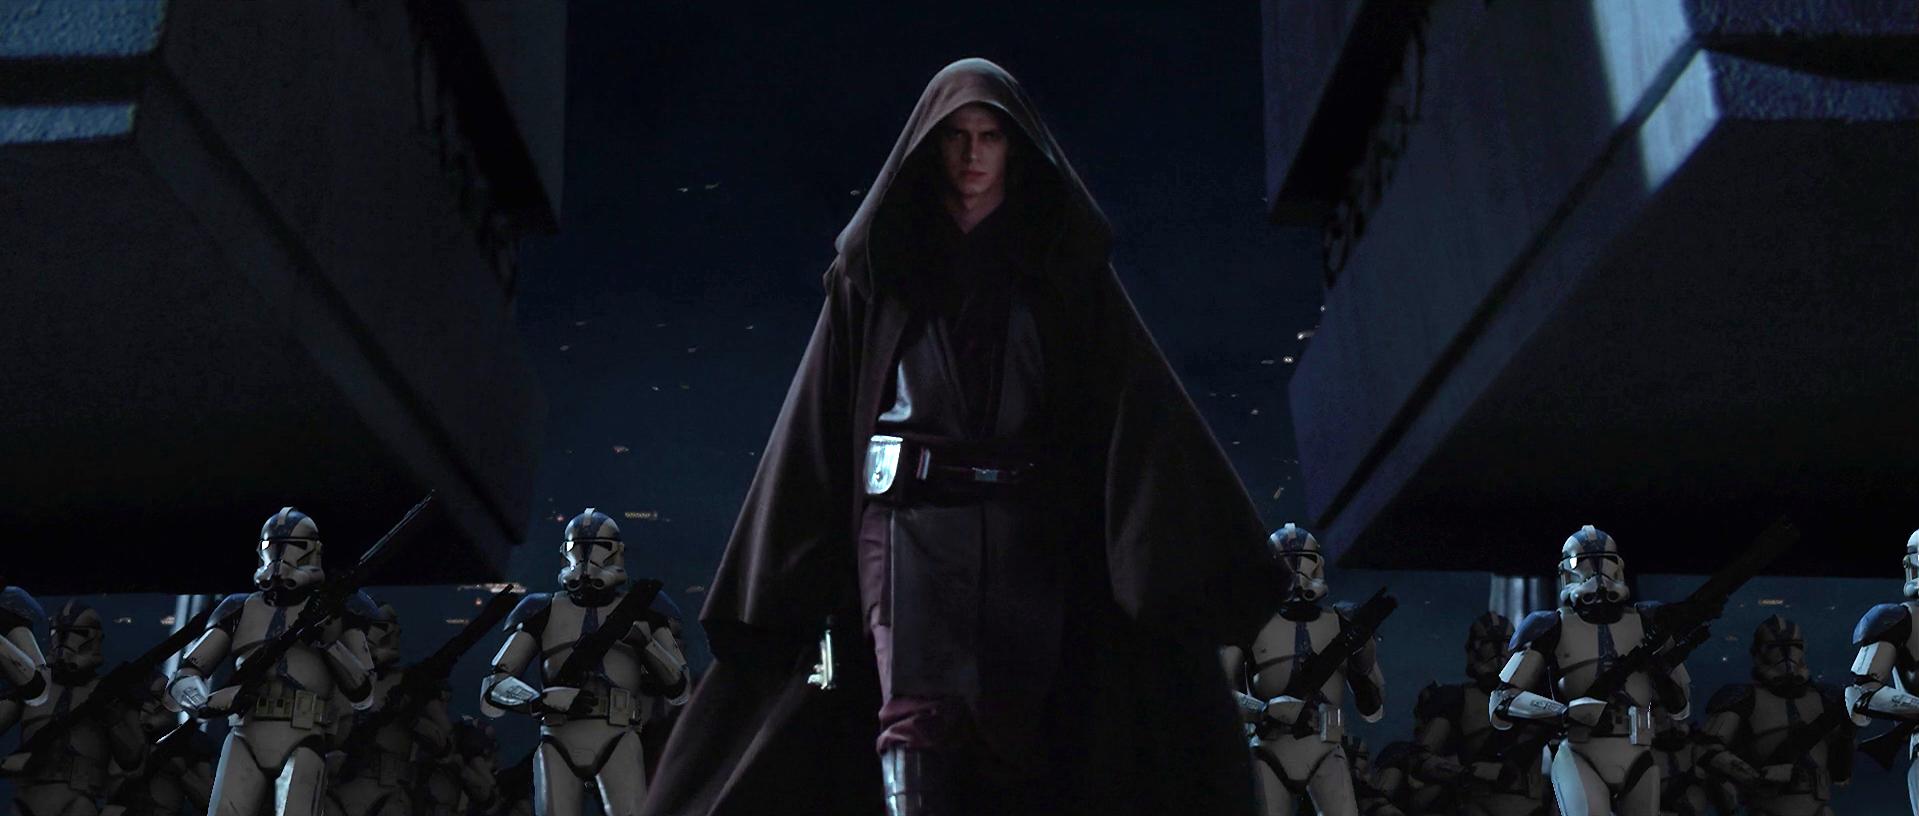 Mese arról, hogy Anakin hogyan halt meg a Star Wars egyik nagy fordulópontján.